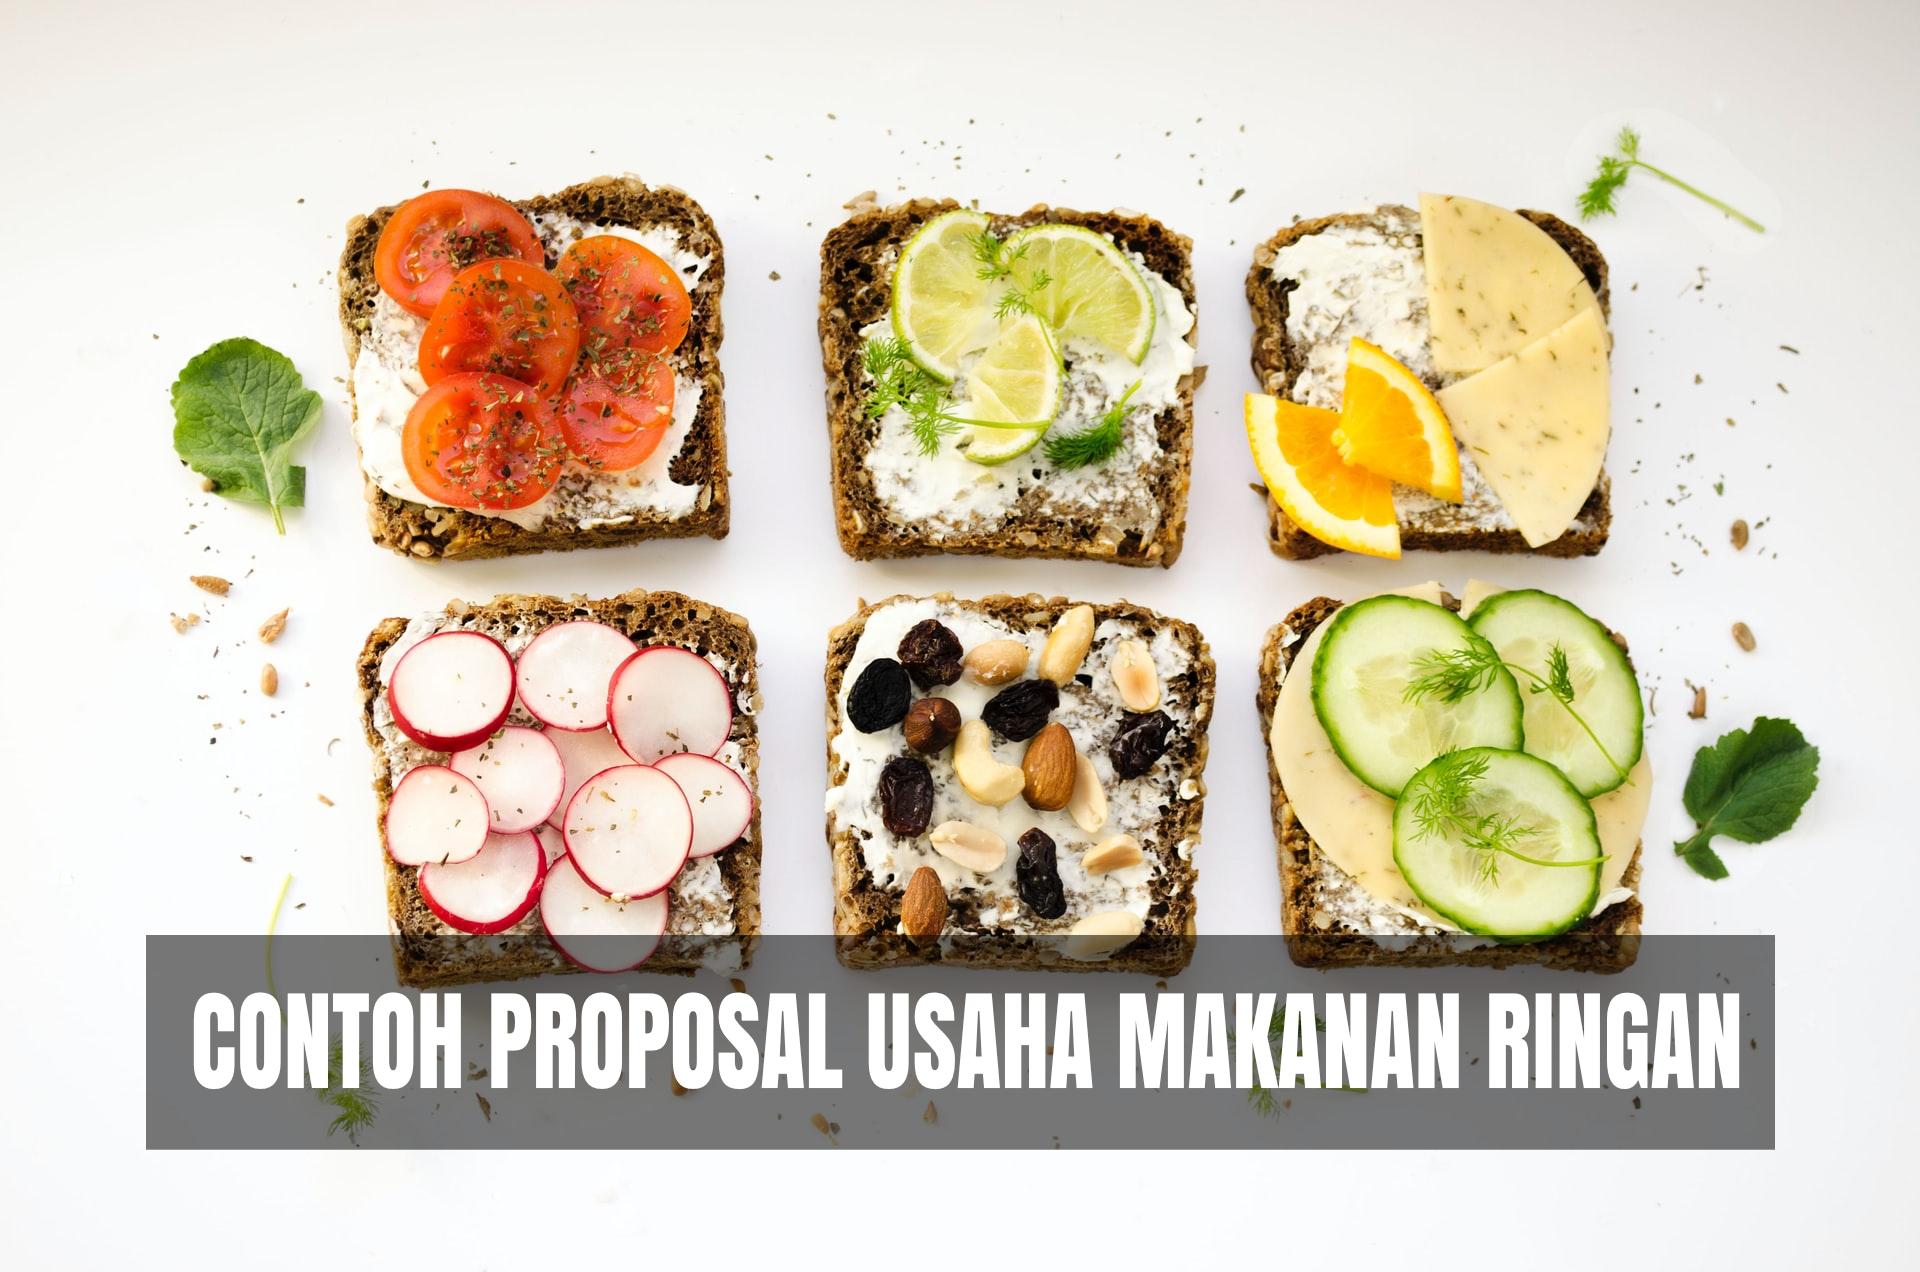 Contoh Proposal Usaha Makanan Ringan